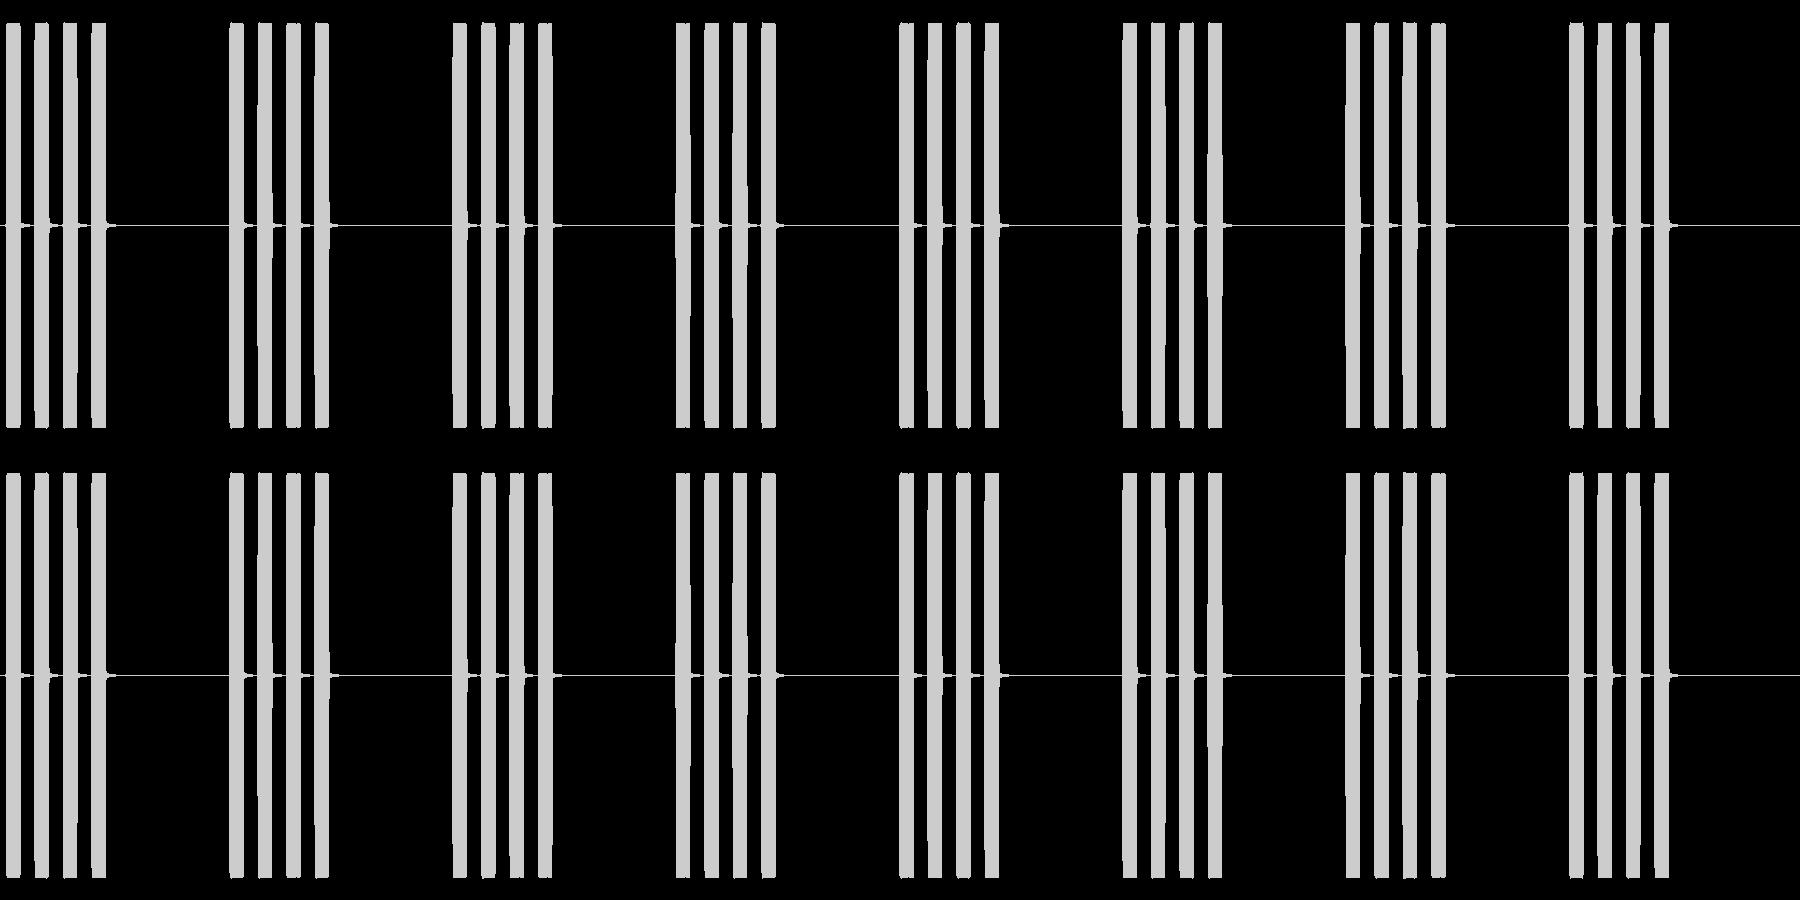 【効果音】目覚まし時計2_4回おきの未再生の波形